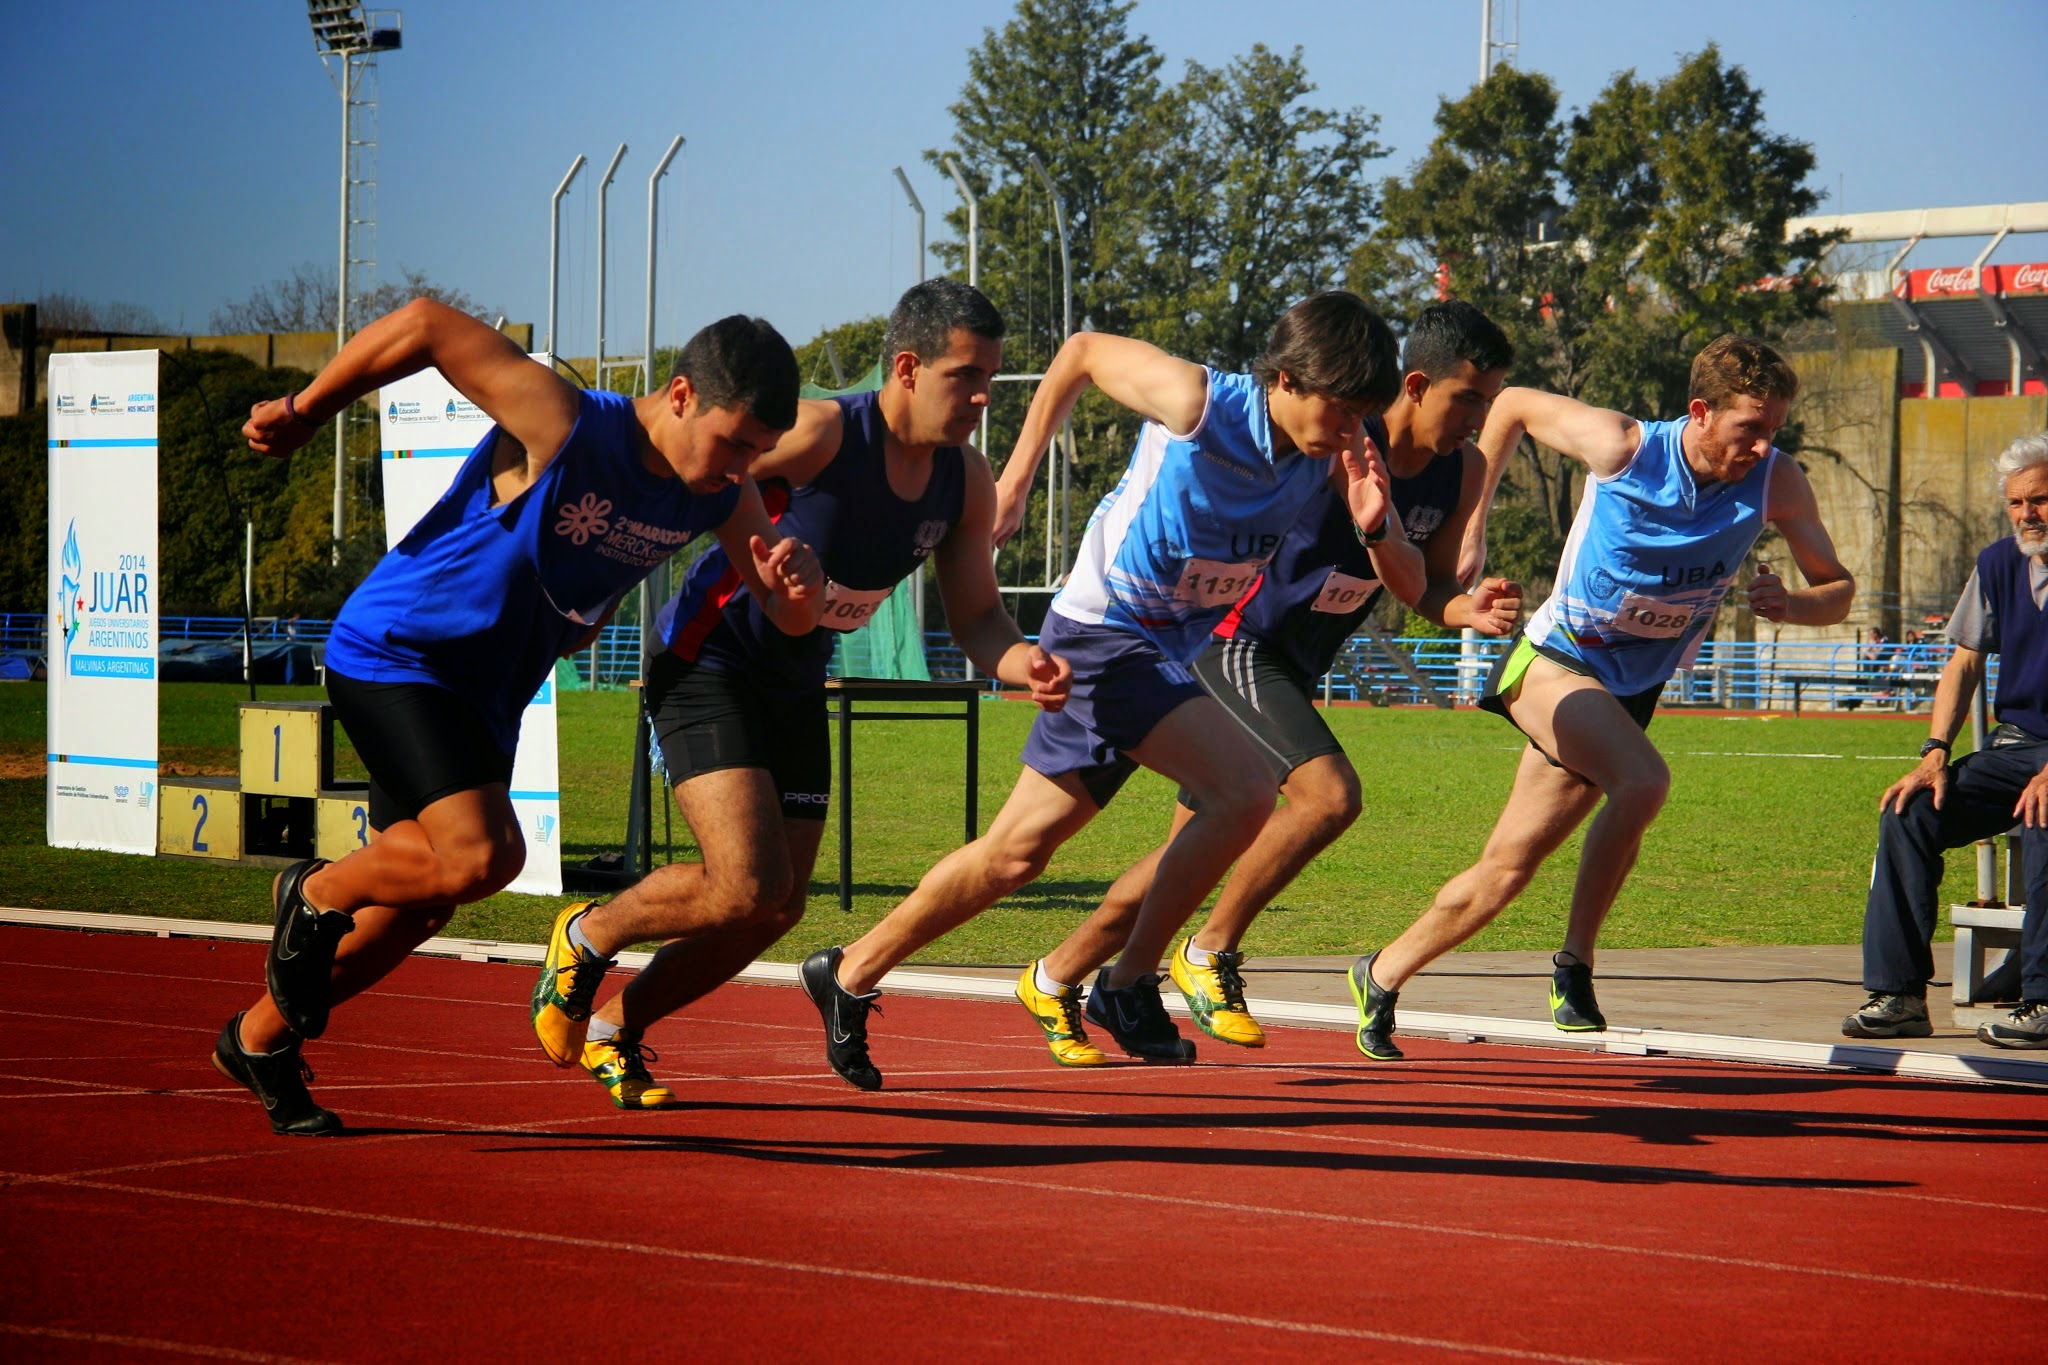 Resultado de imagen para deporte universitario atletismo